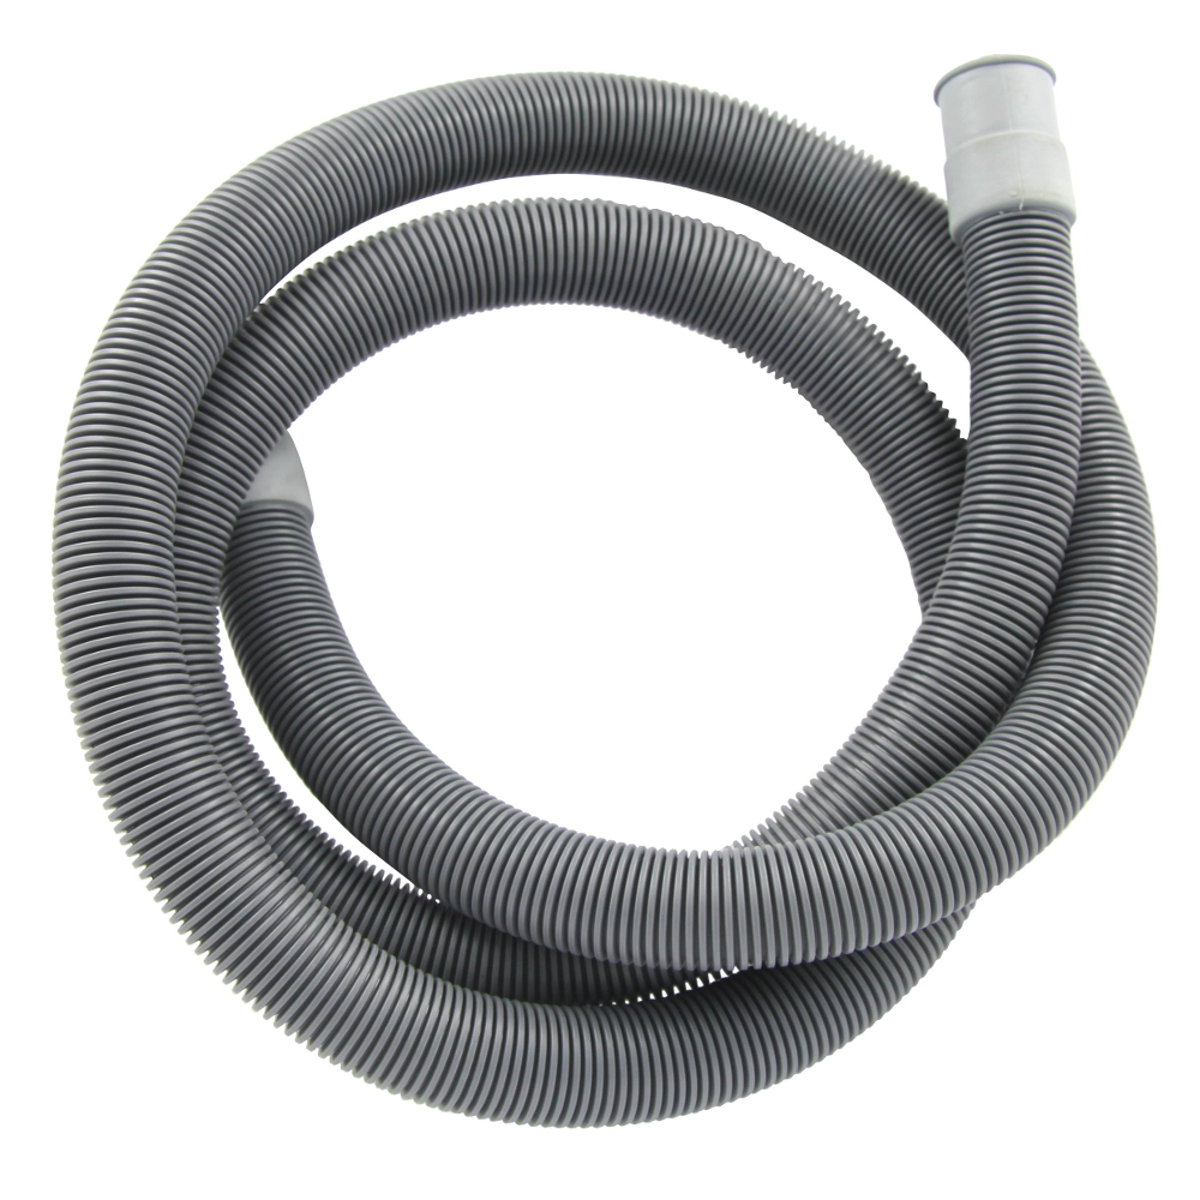 Шланг сливной для стиральной машины, 3,5м ЗИП-ФЛЕКС68/5/3Шланг сливной предназначен для отведения использованной воды в систему канализацииДлина 3,5 метра.